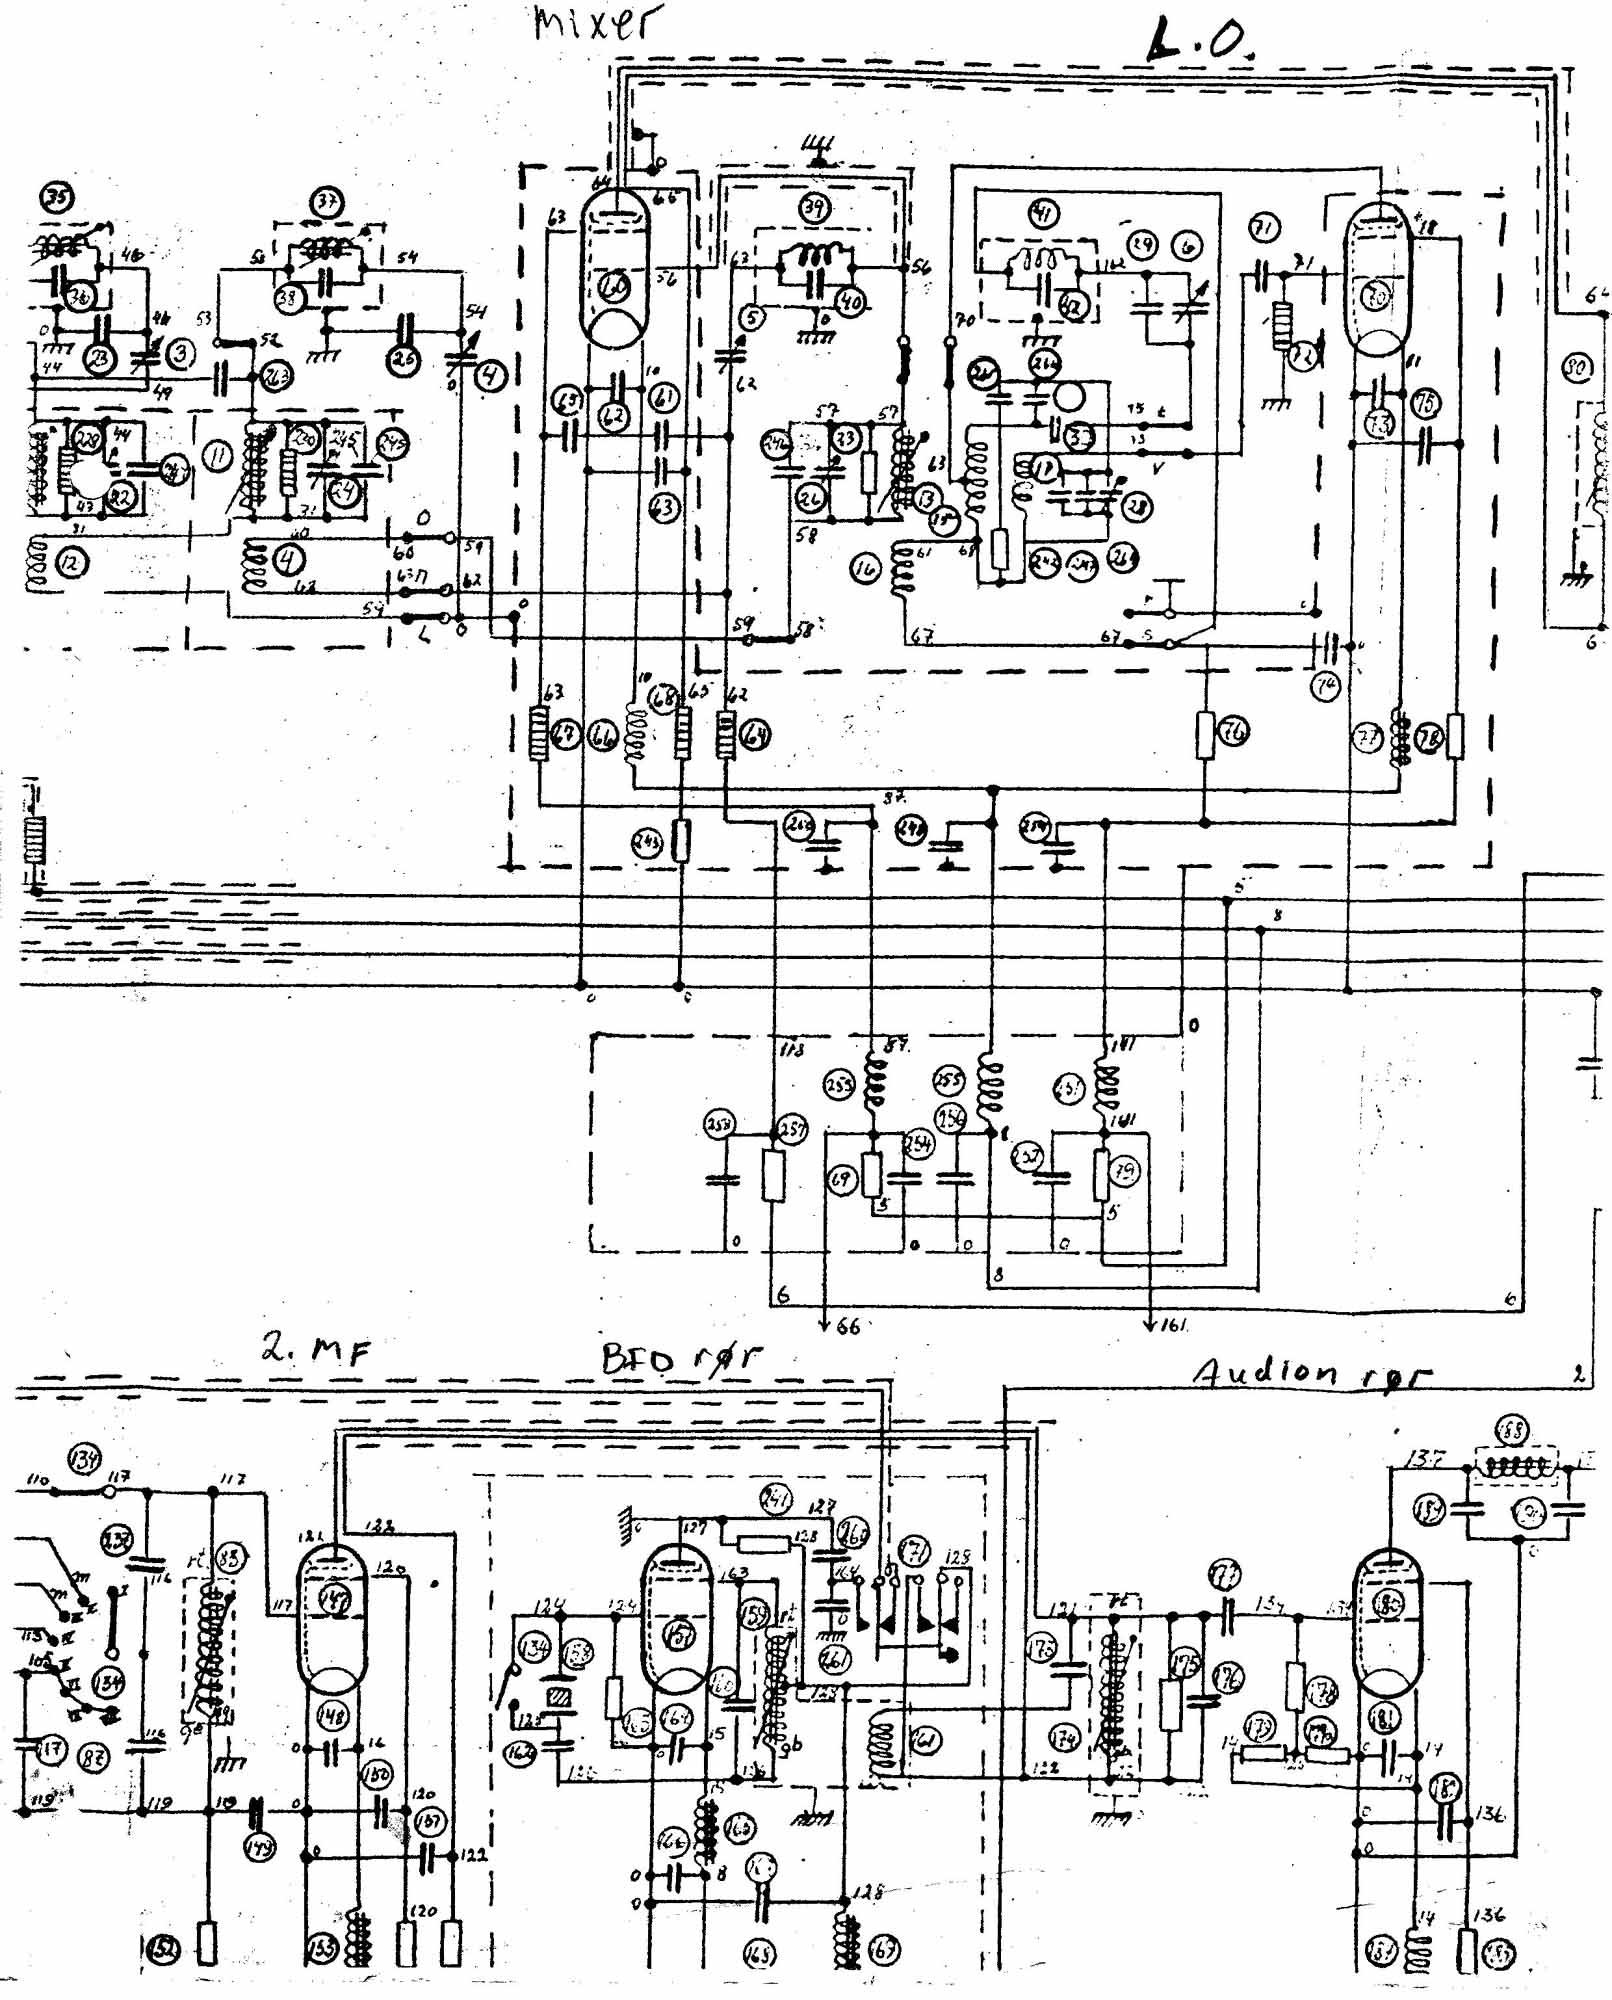 Audio Mixer Circuit Diagram Pdf - Auto Electrical Wiring Diagram on